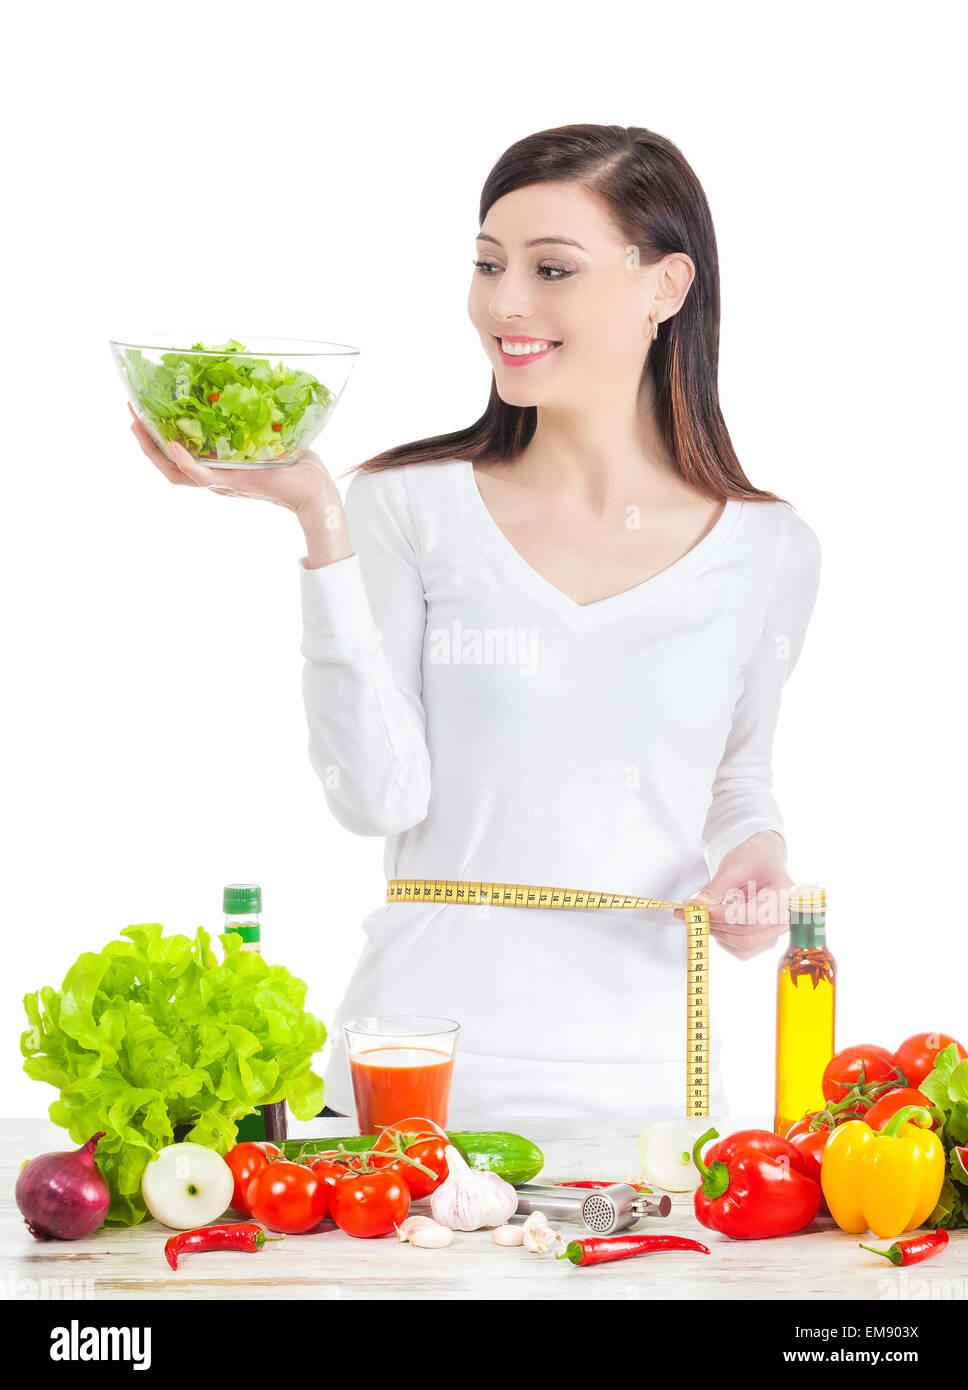 Giovane donna felice con insalata, misurando il suo girovita. Cibo sano stile di vita ans concetto. Immagini Stock